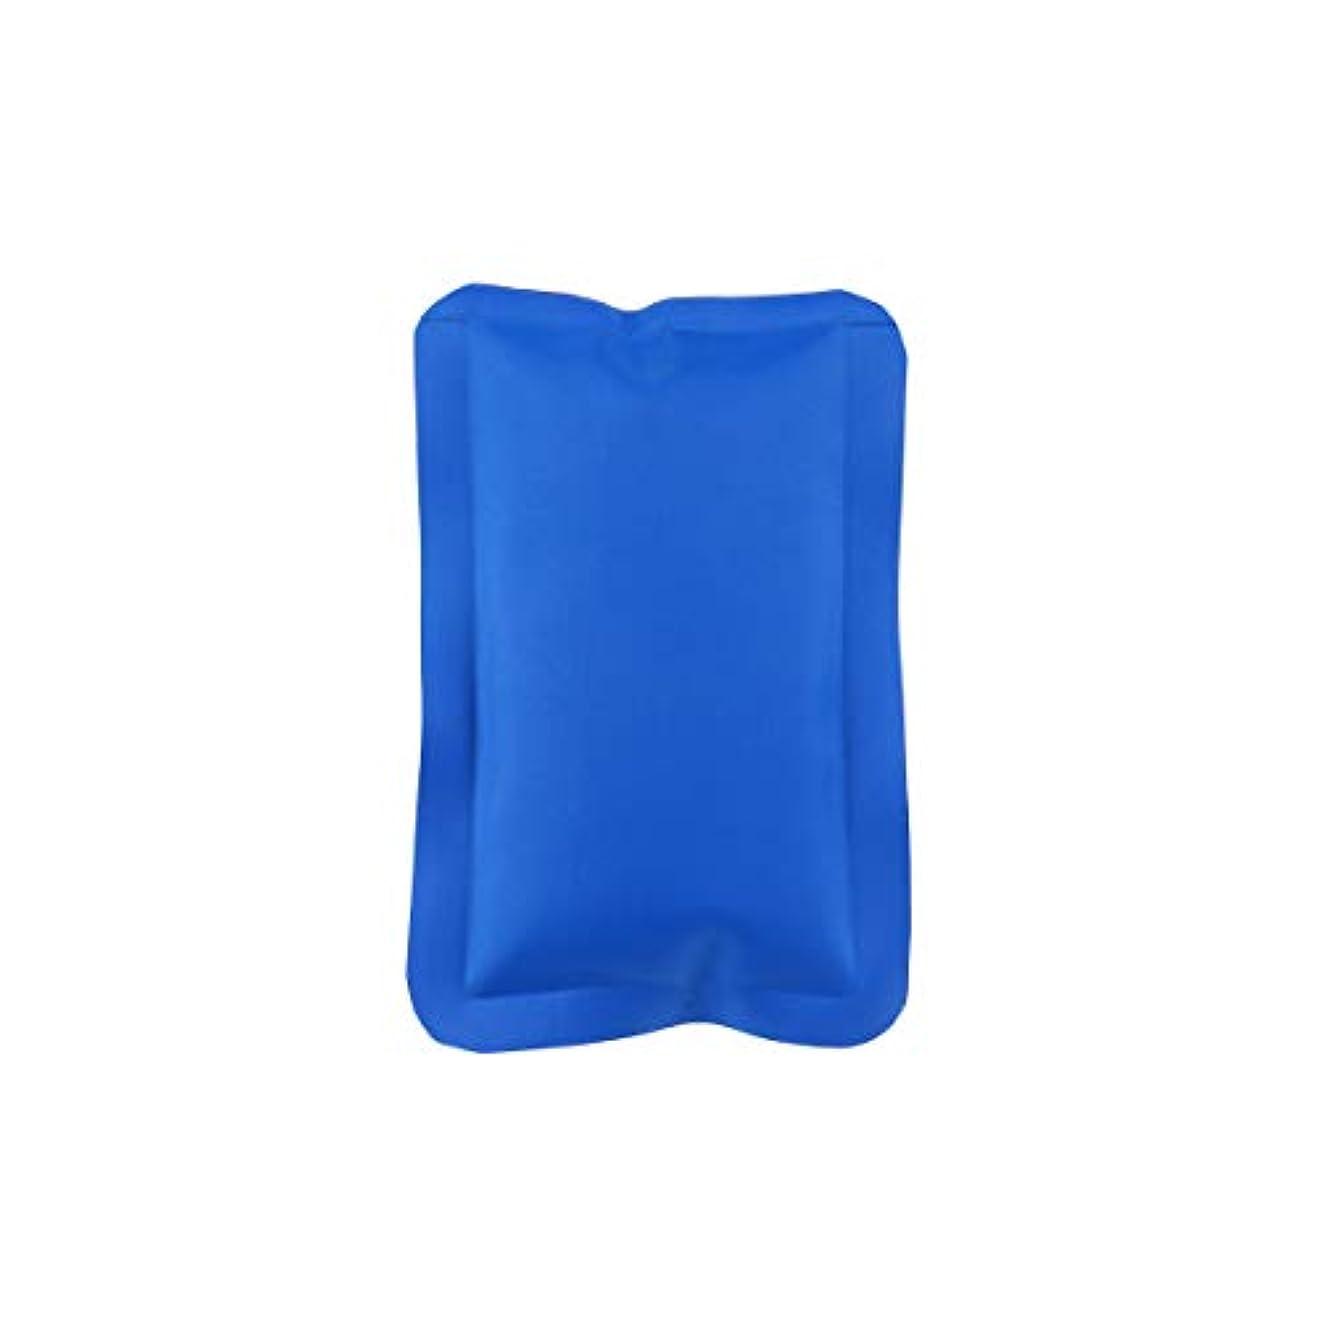 引っ張る虐殺育成HEALLILY 150ML再利用可能なホット&コールドジェルパック(コンプレッションラップスポーツ傷害)ジェルアイスパック多目的ヒートパック(マッスルリリーフ用、16x10x1cm、ブルー)